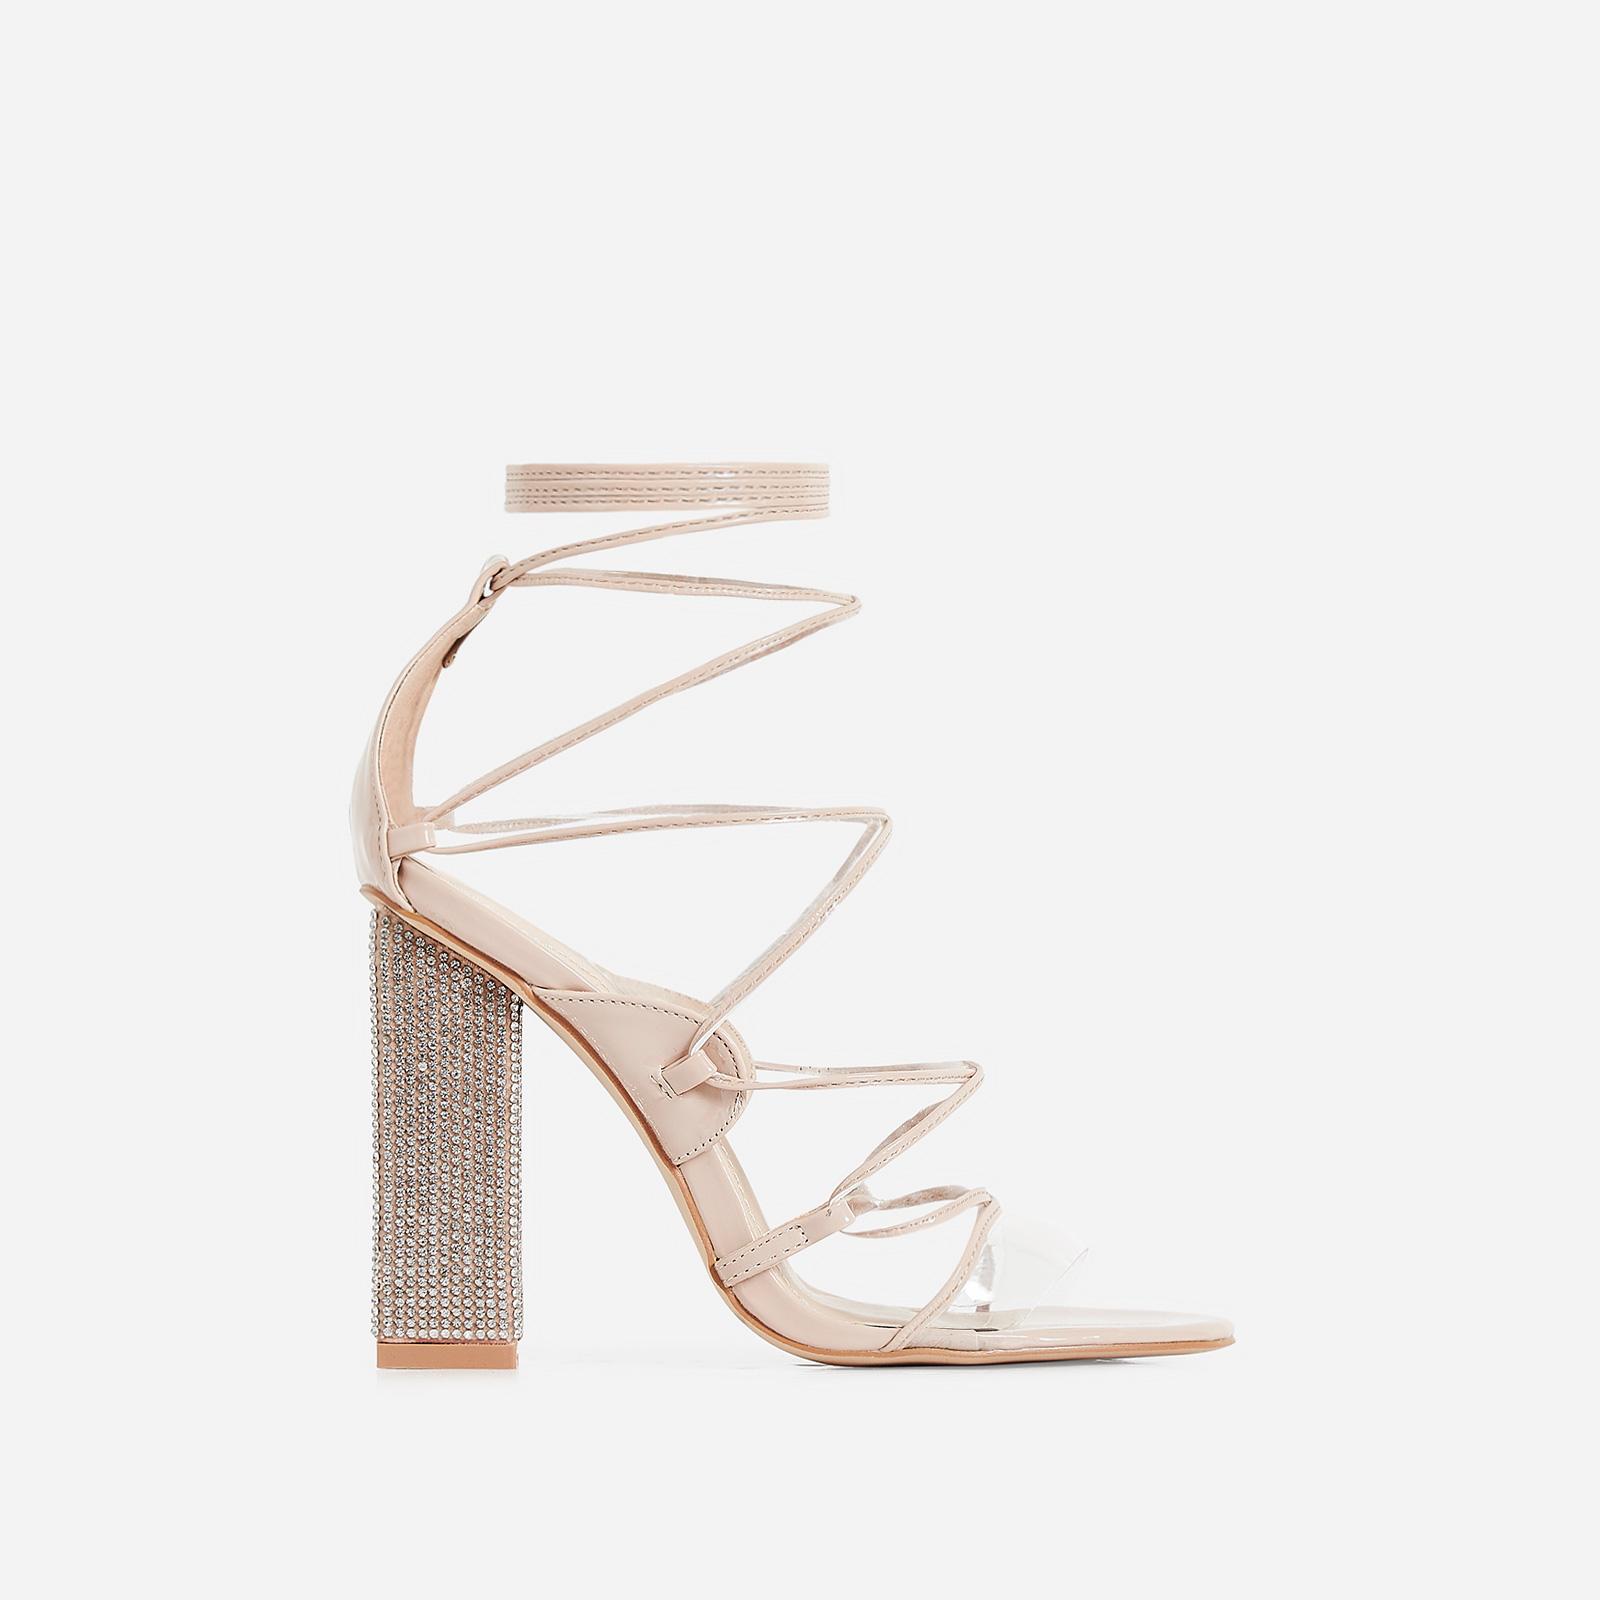 Exotic Perspex Lace Up Diamante Block Heel In Nude Patent